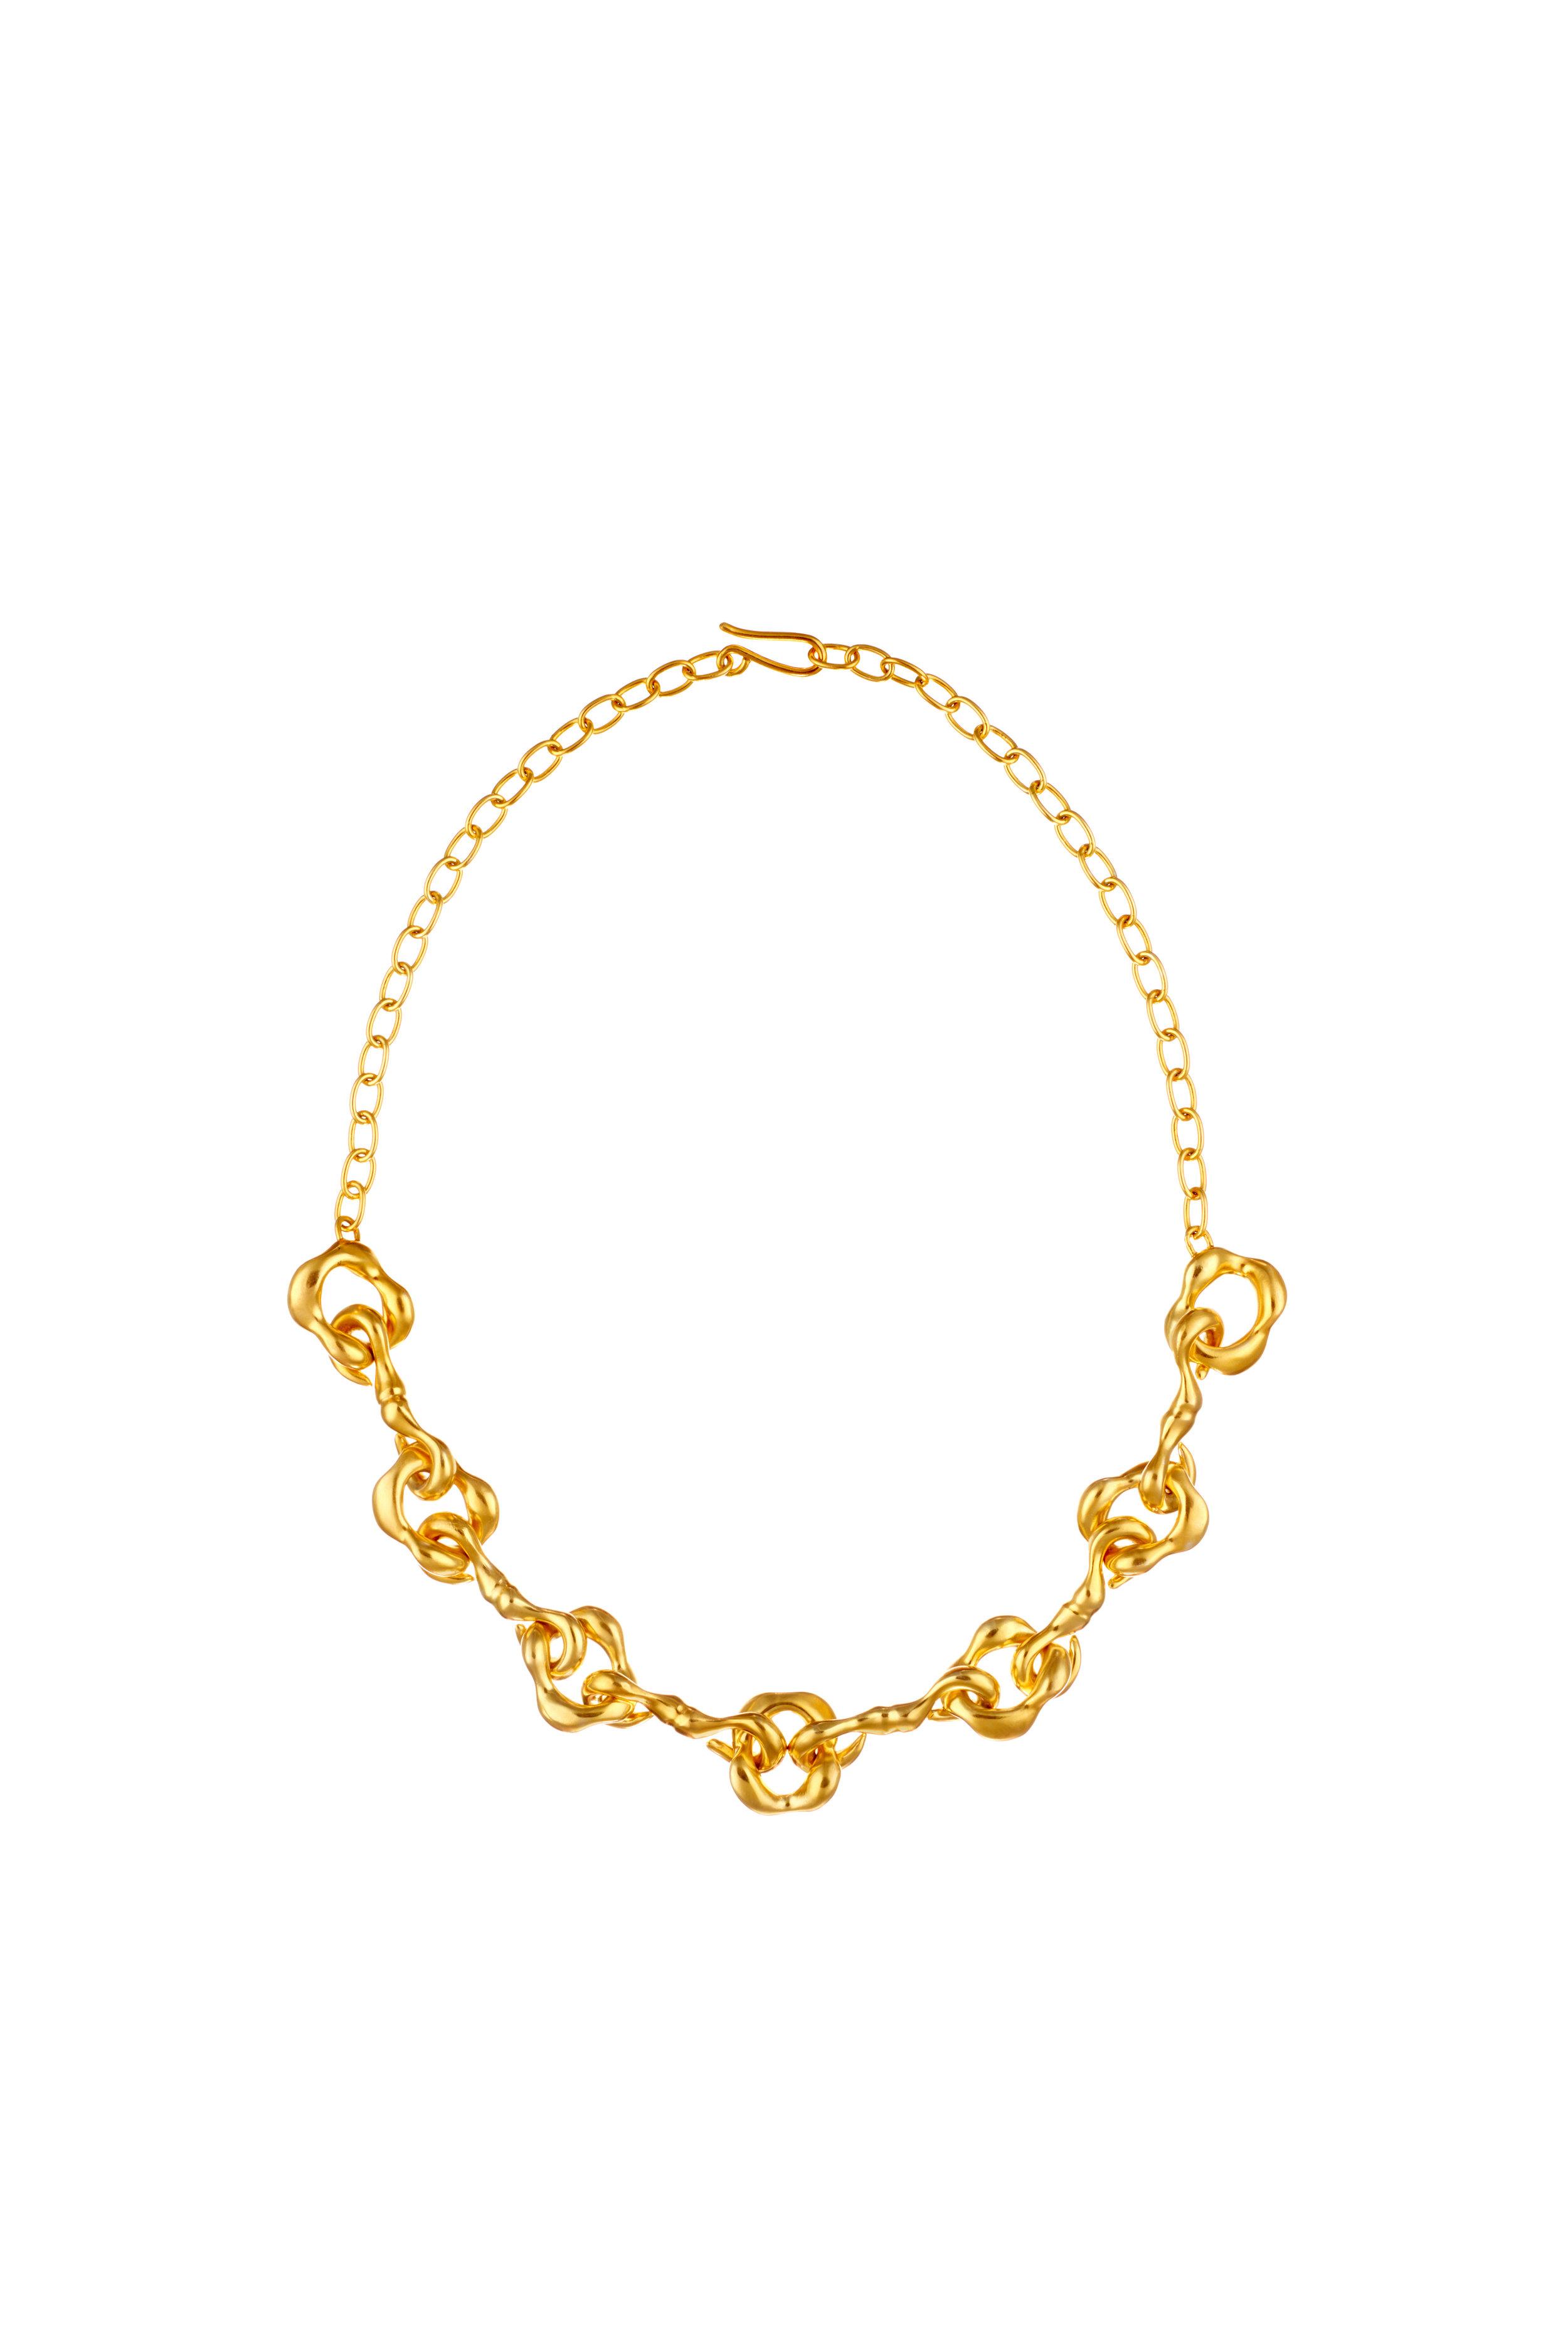 Agrifi Hooks II - Necklace